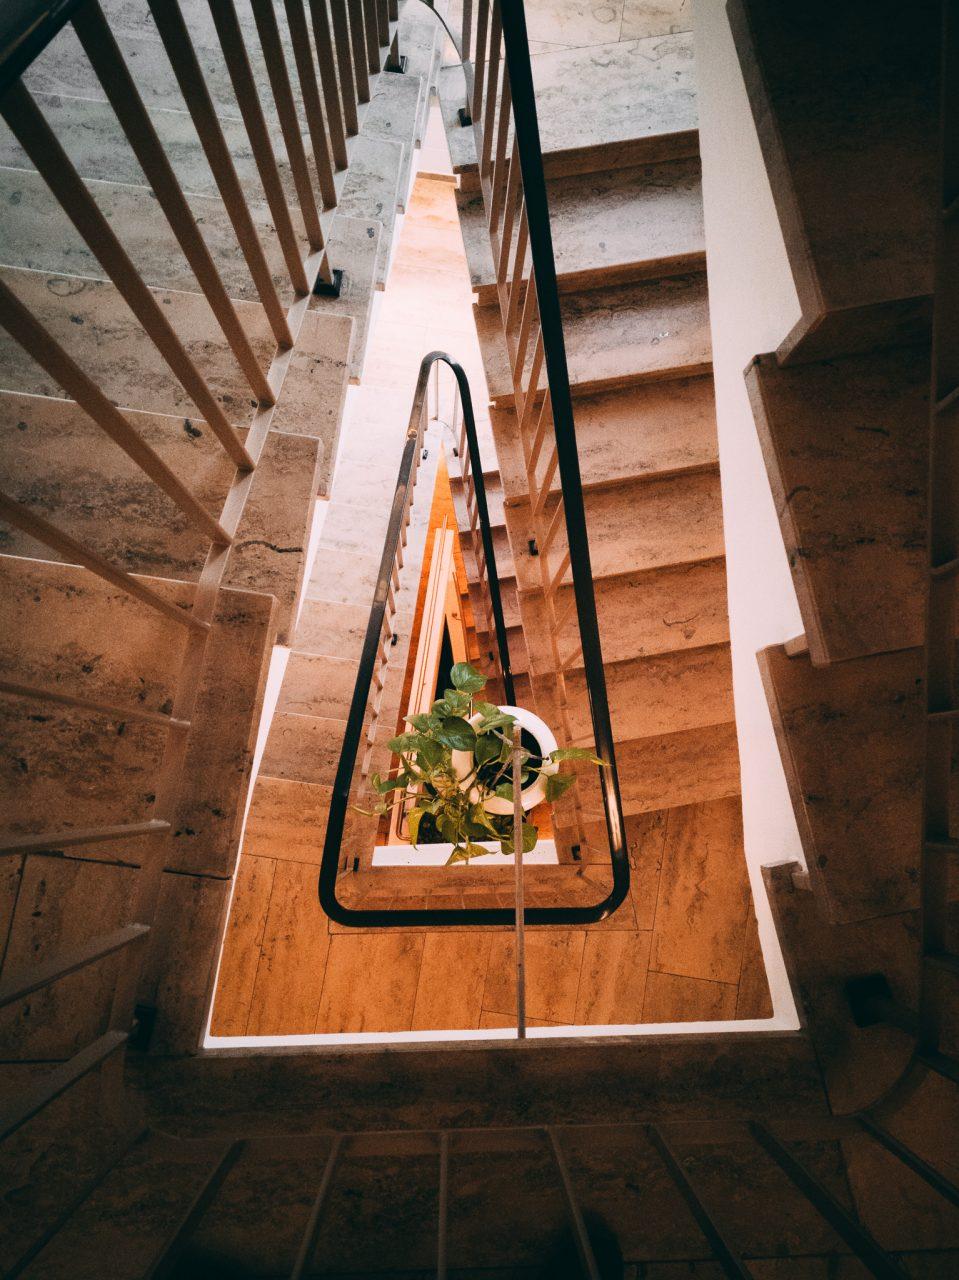 """Tag 333 - Treppe // """"Aus den Steinen die mir heute in den Weg gelegt werden, baue ich mir morgen eine schöne Treppe."""" - Aenne Burda"""